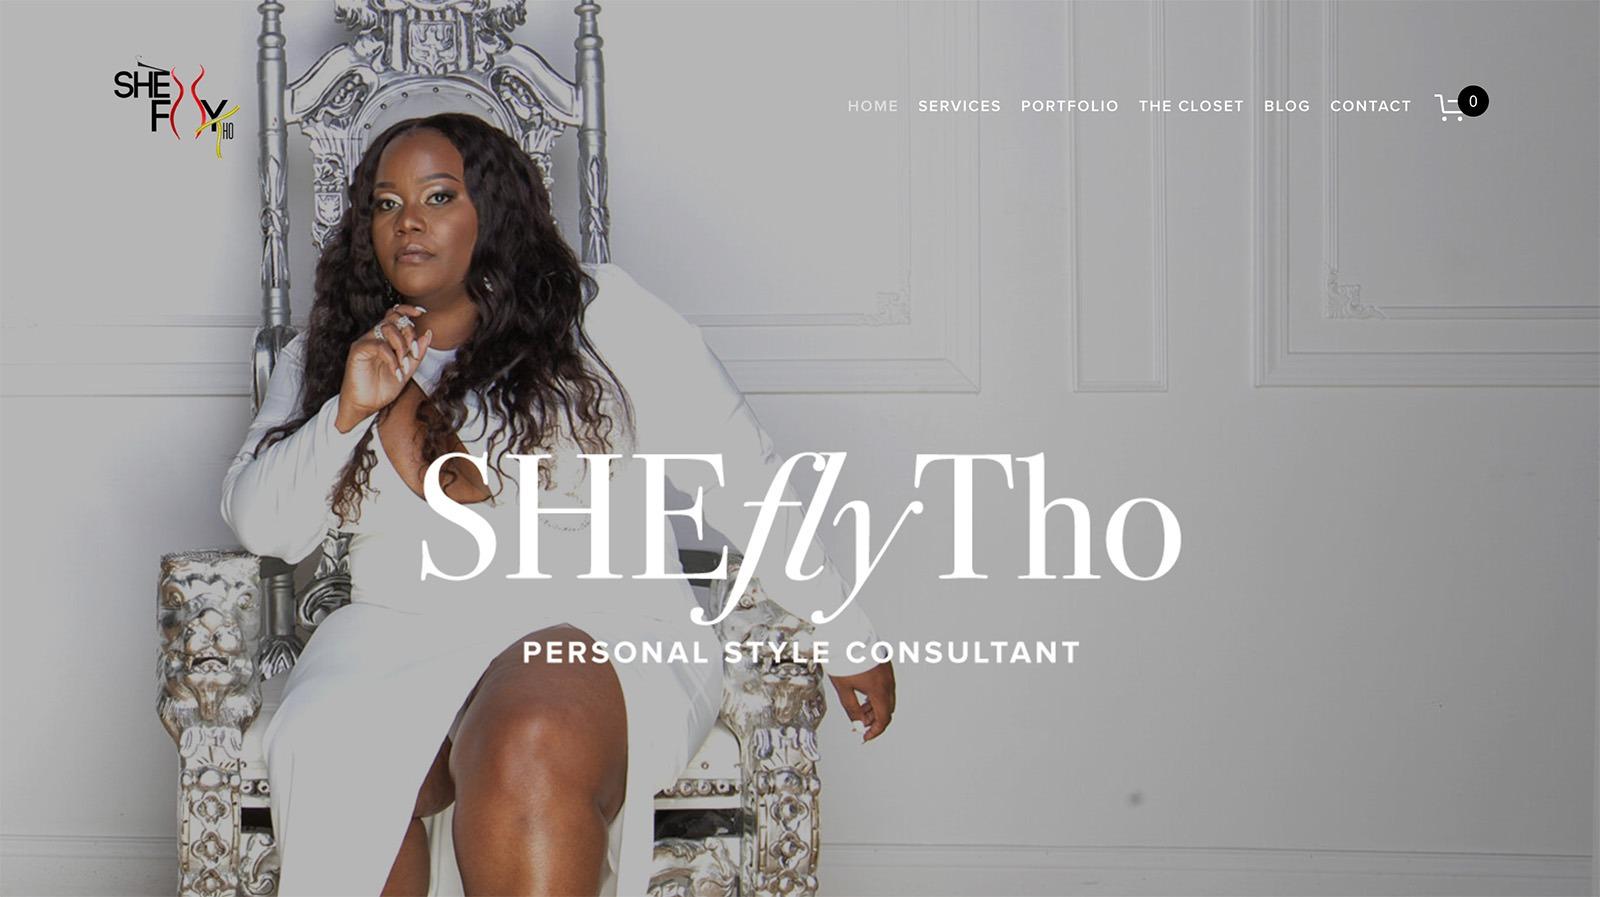 sheflytho web